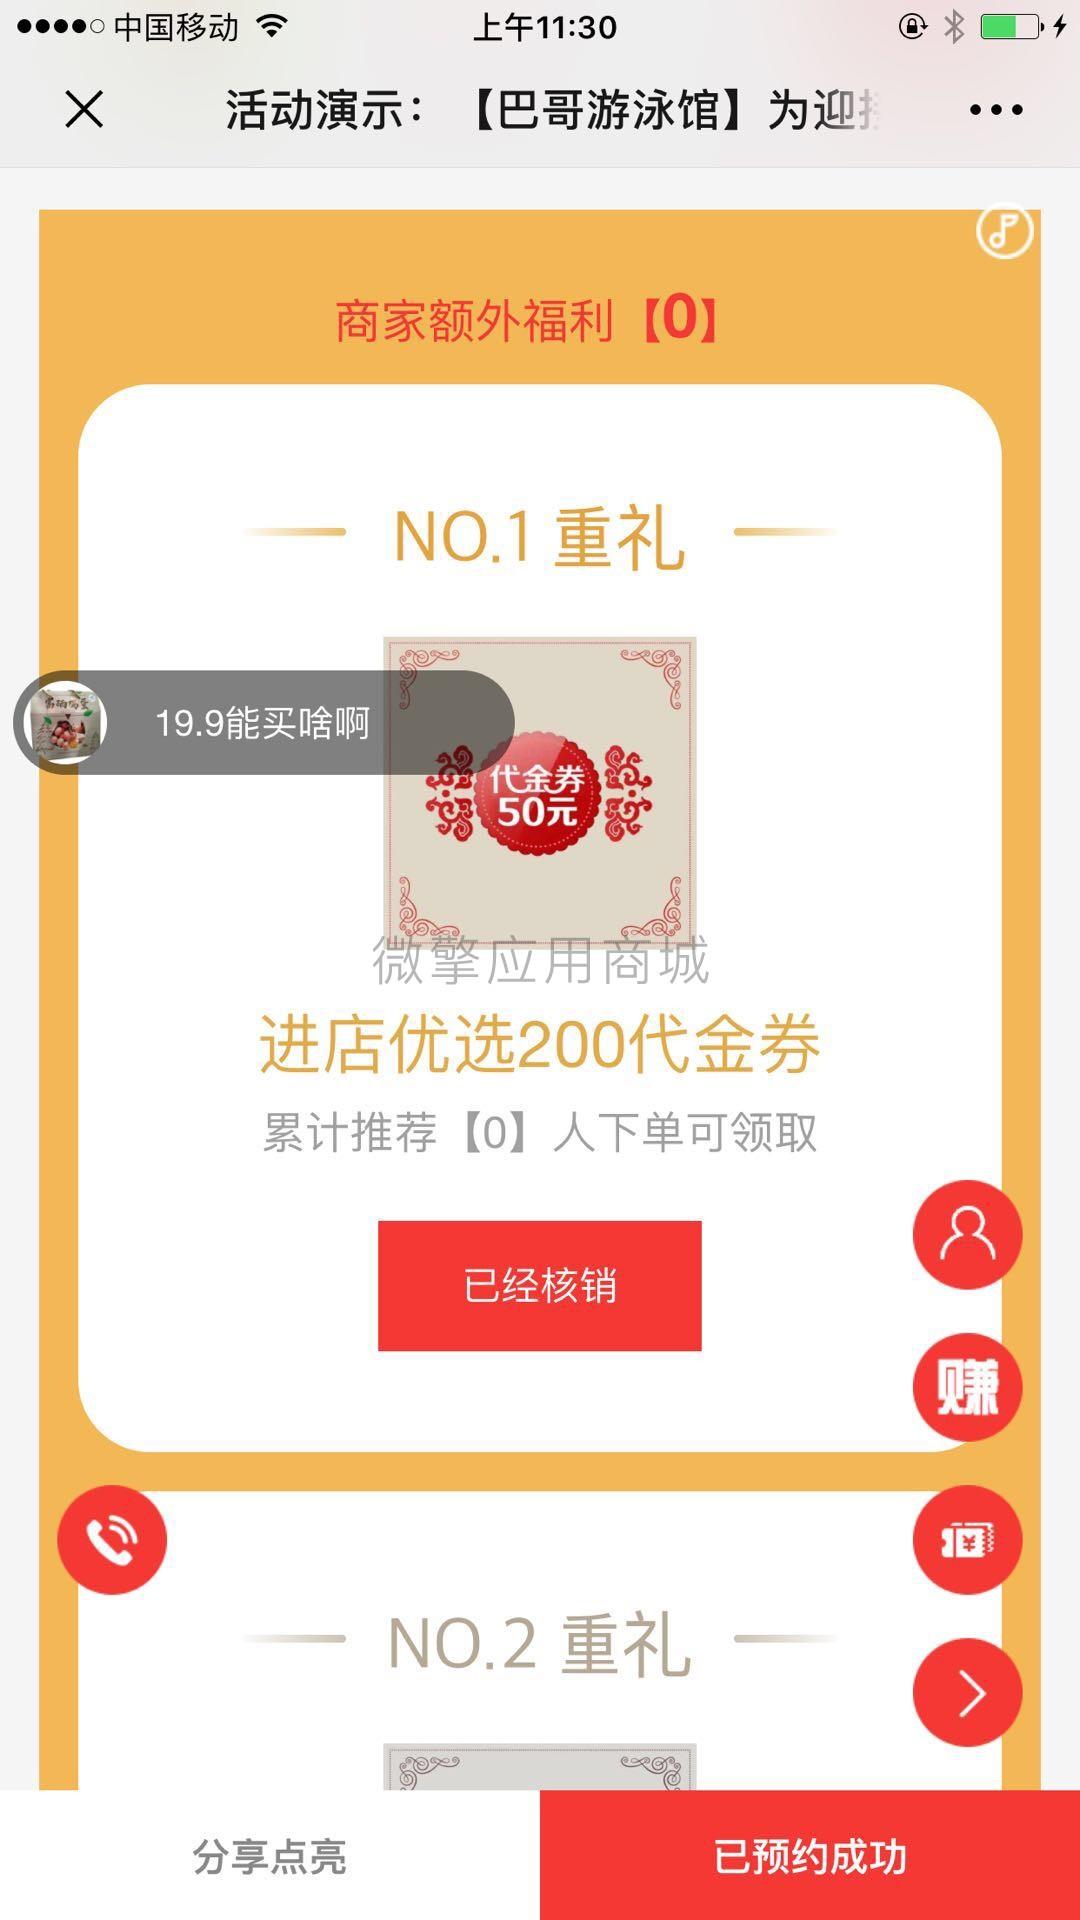 wq模块分享红包暴力营销广告机v.11.9.44-渔枫源码分享网